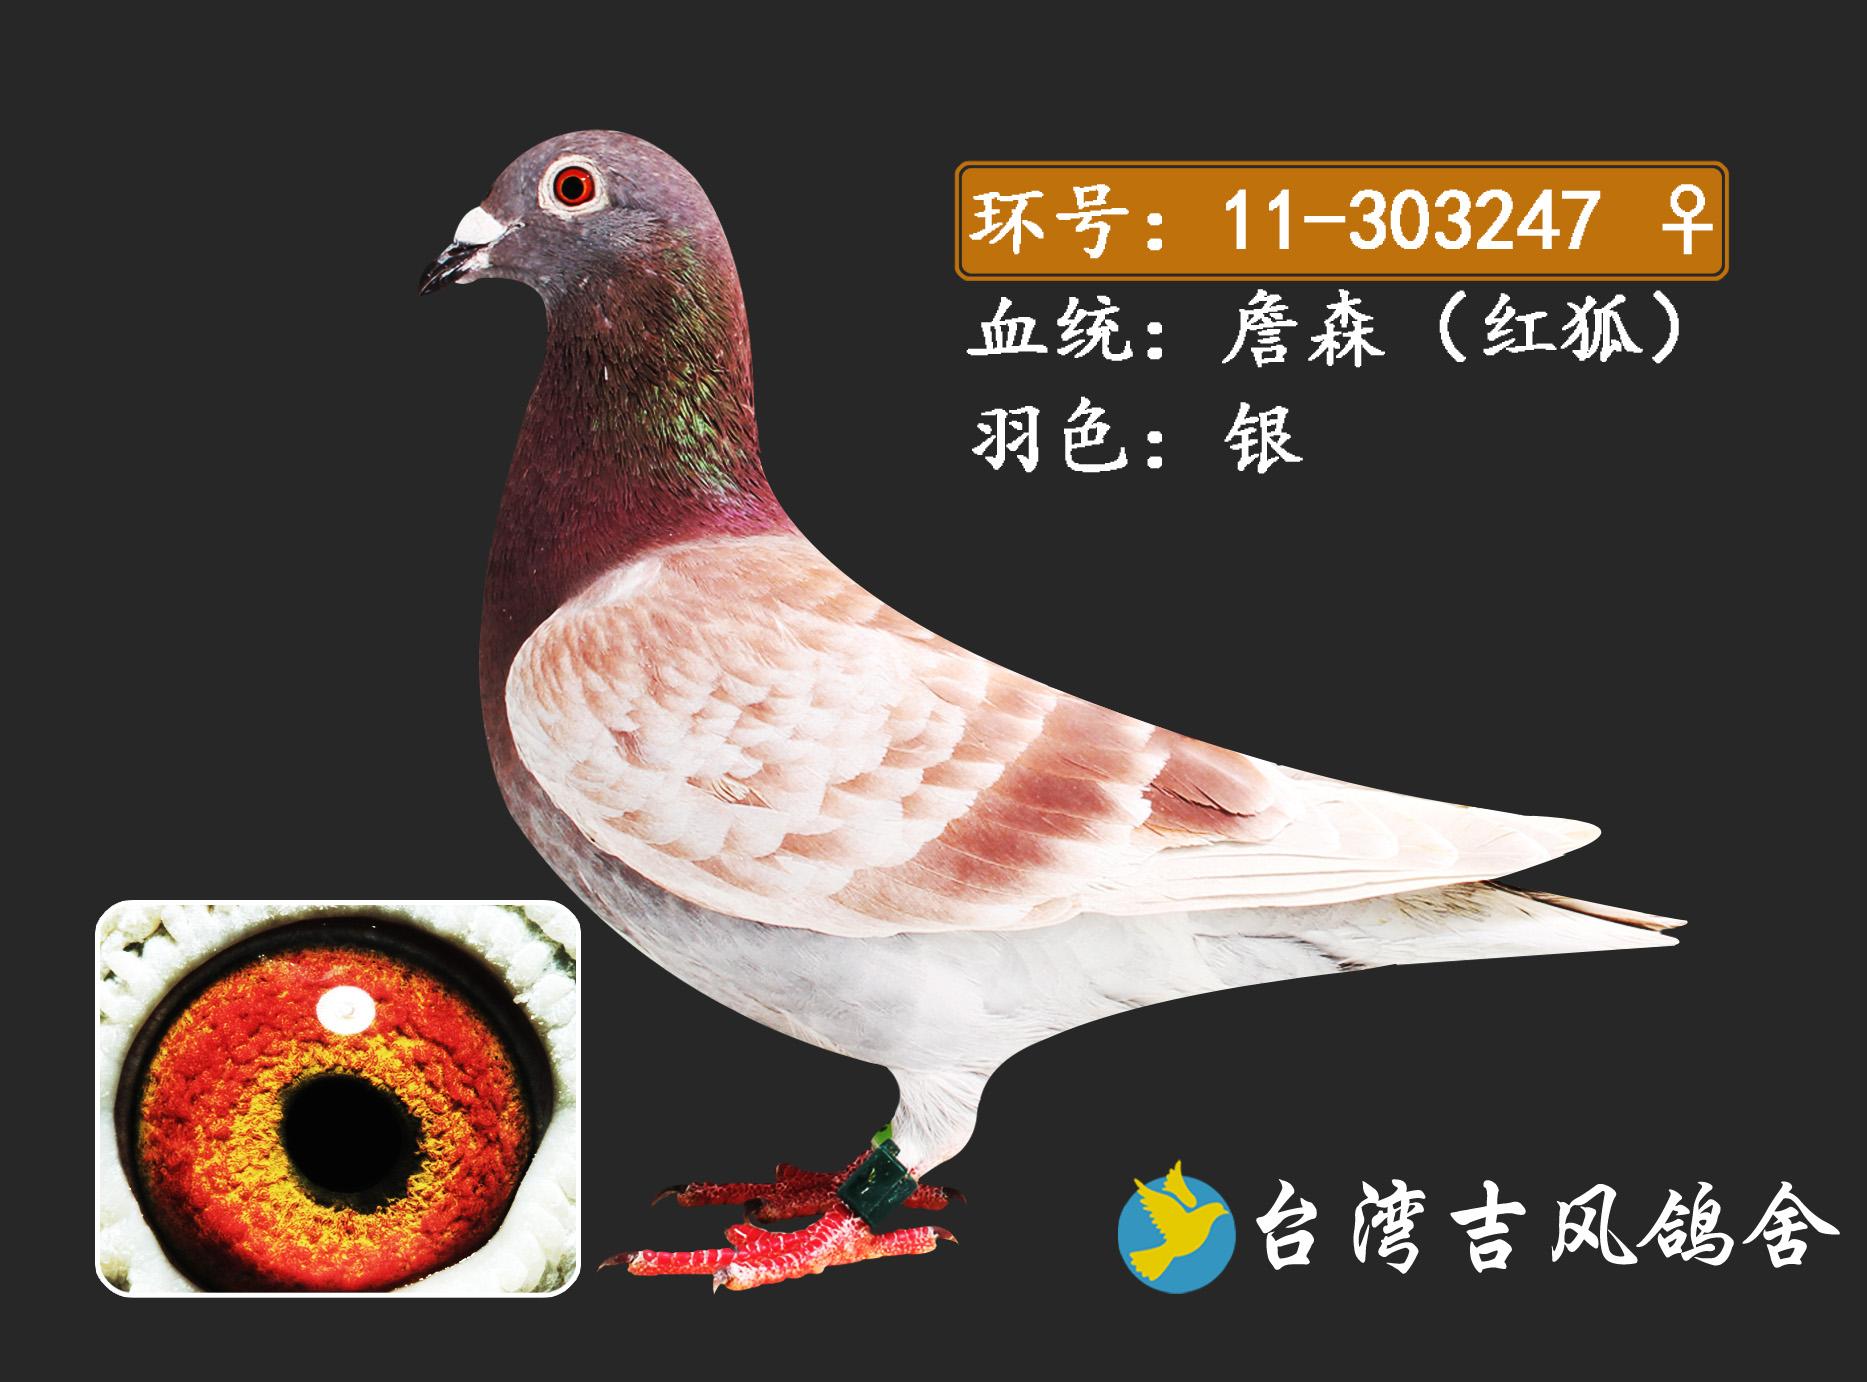 design 信鸽眼沙图片展示_信鸽眼沙相关图片下载  詹森信鸽图片展示图片